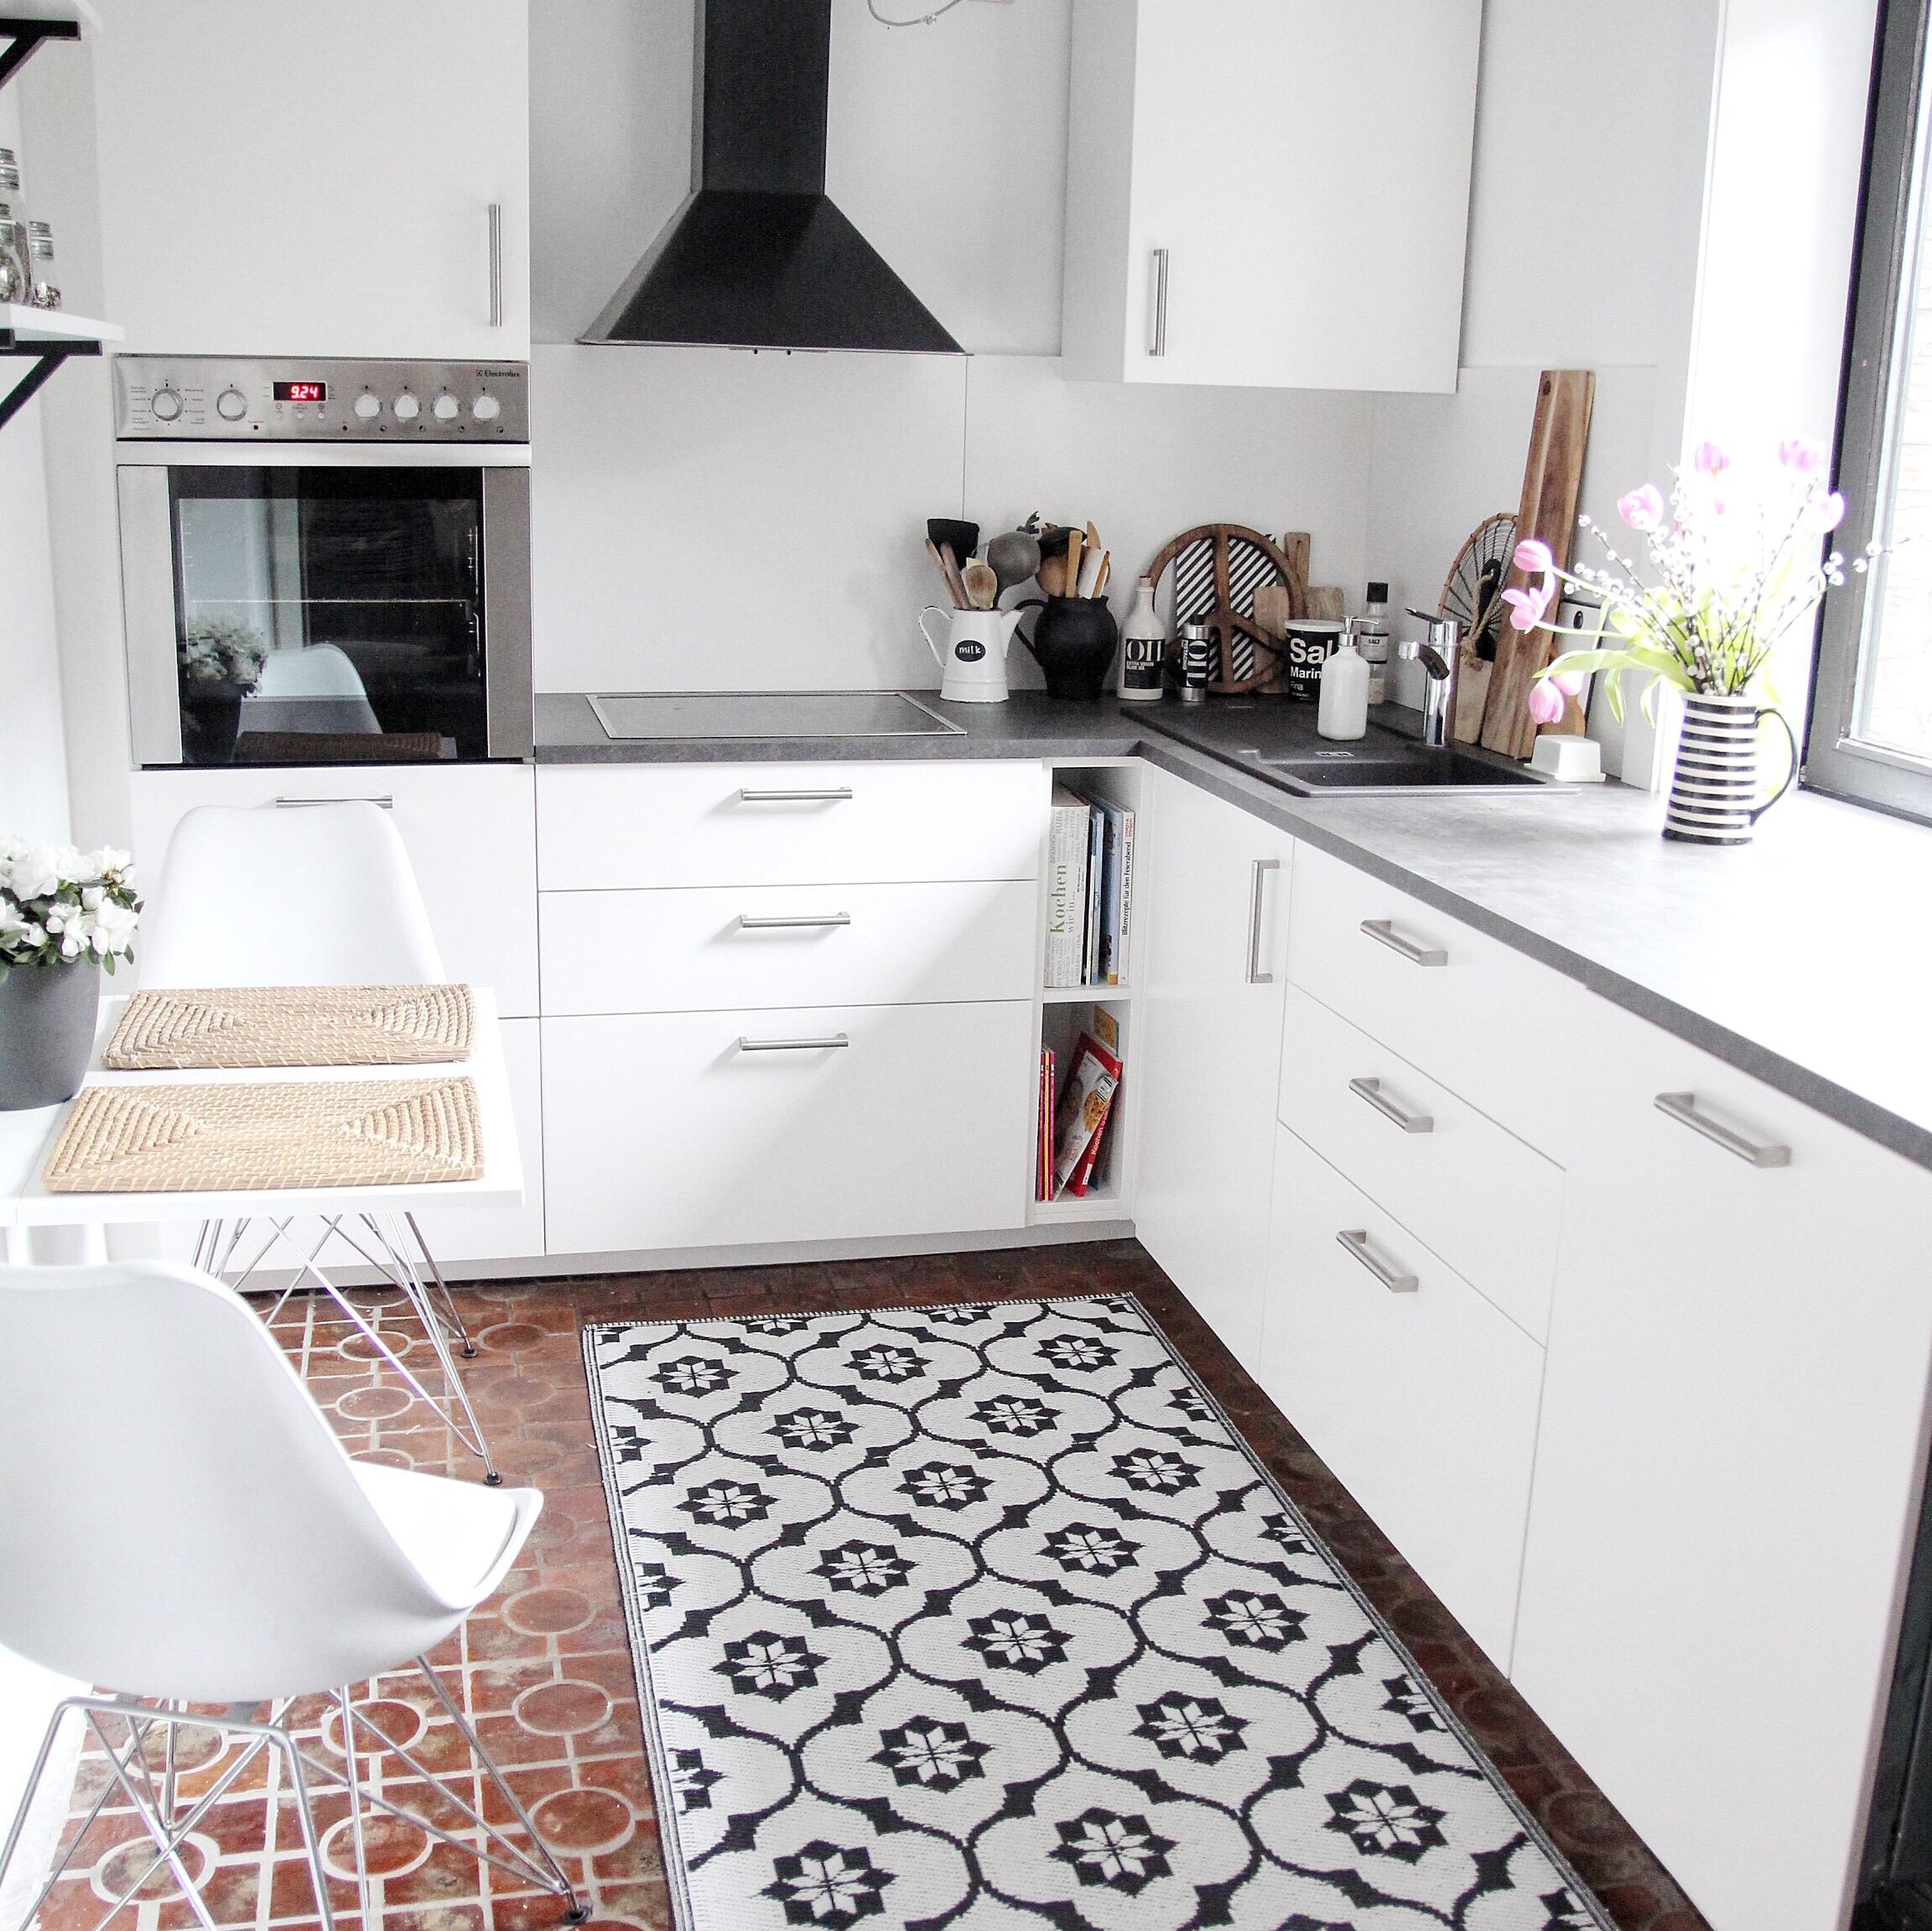 küche-günstig-renovieren-kosten - DESIGN DOTS